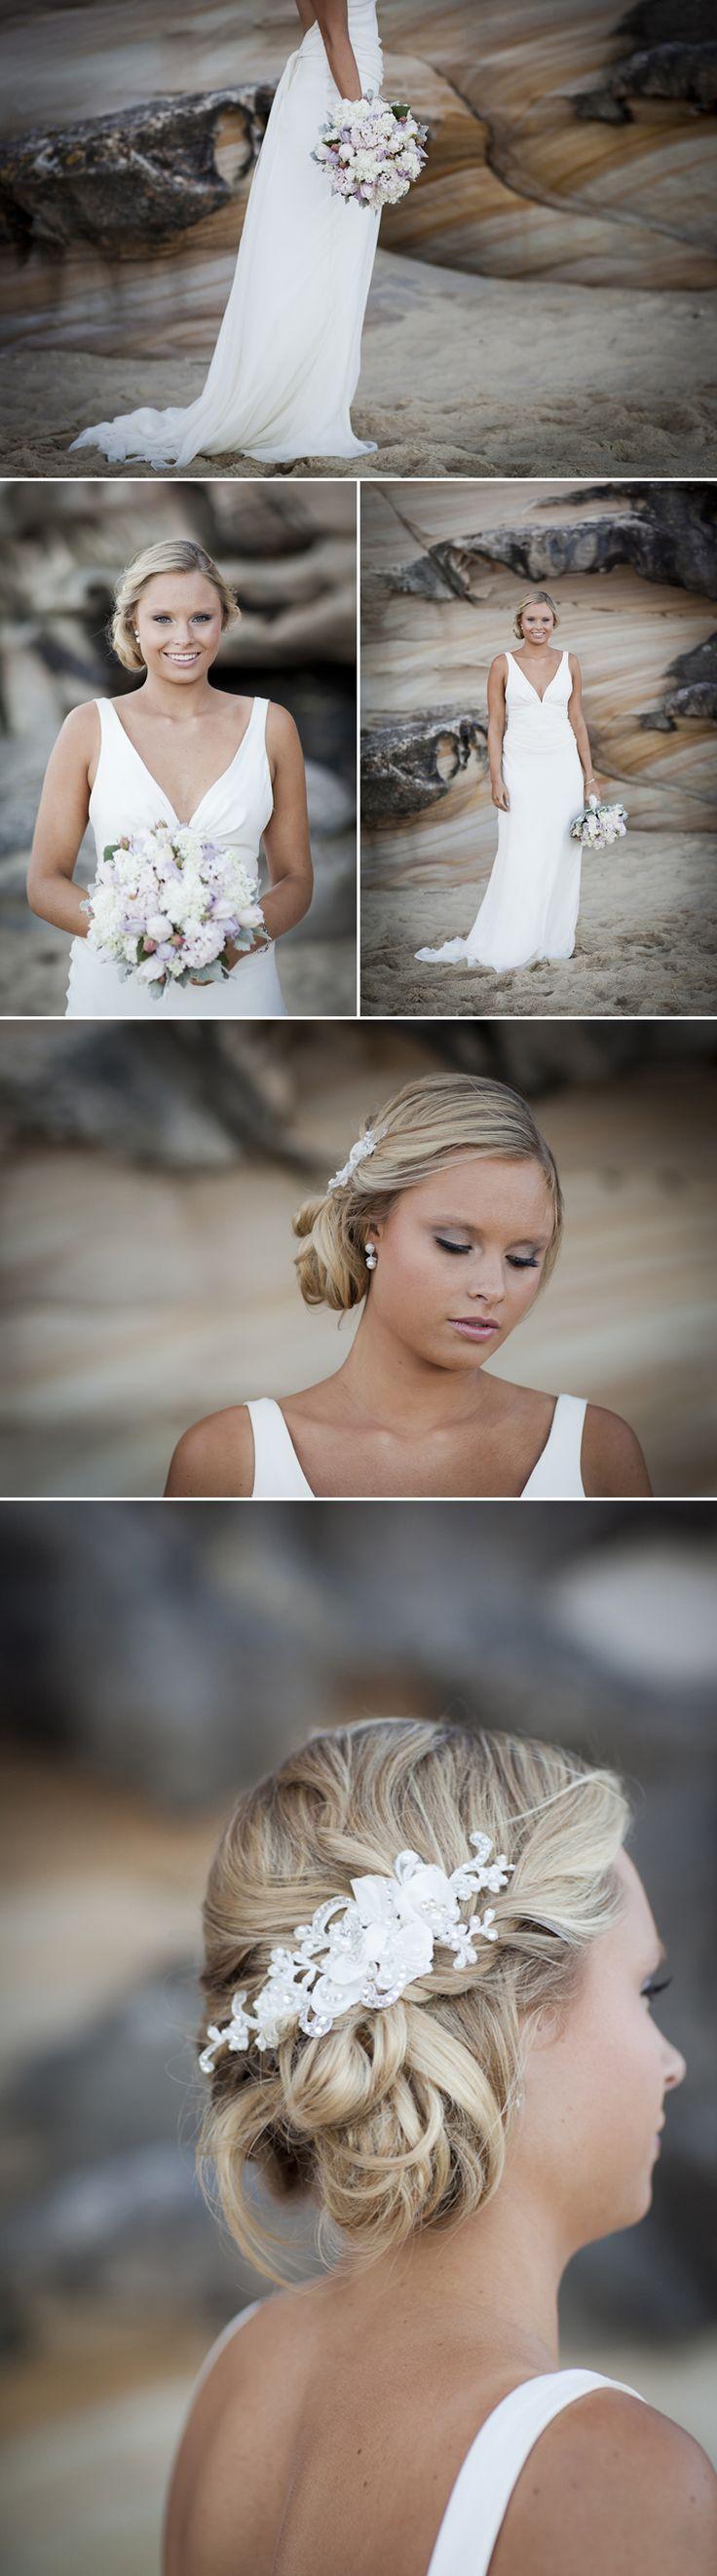 Sutherland Shire Weddding Photography | Say I Do Weddings Styled Shoot